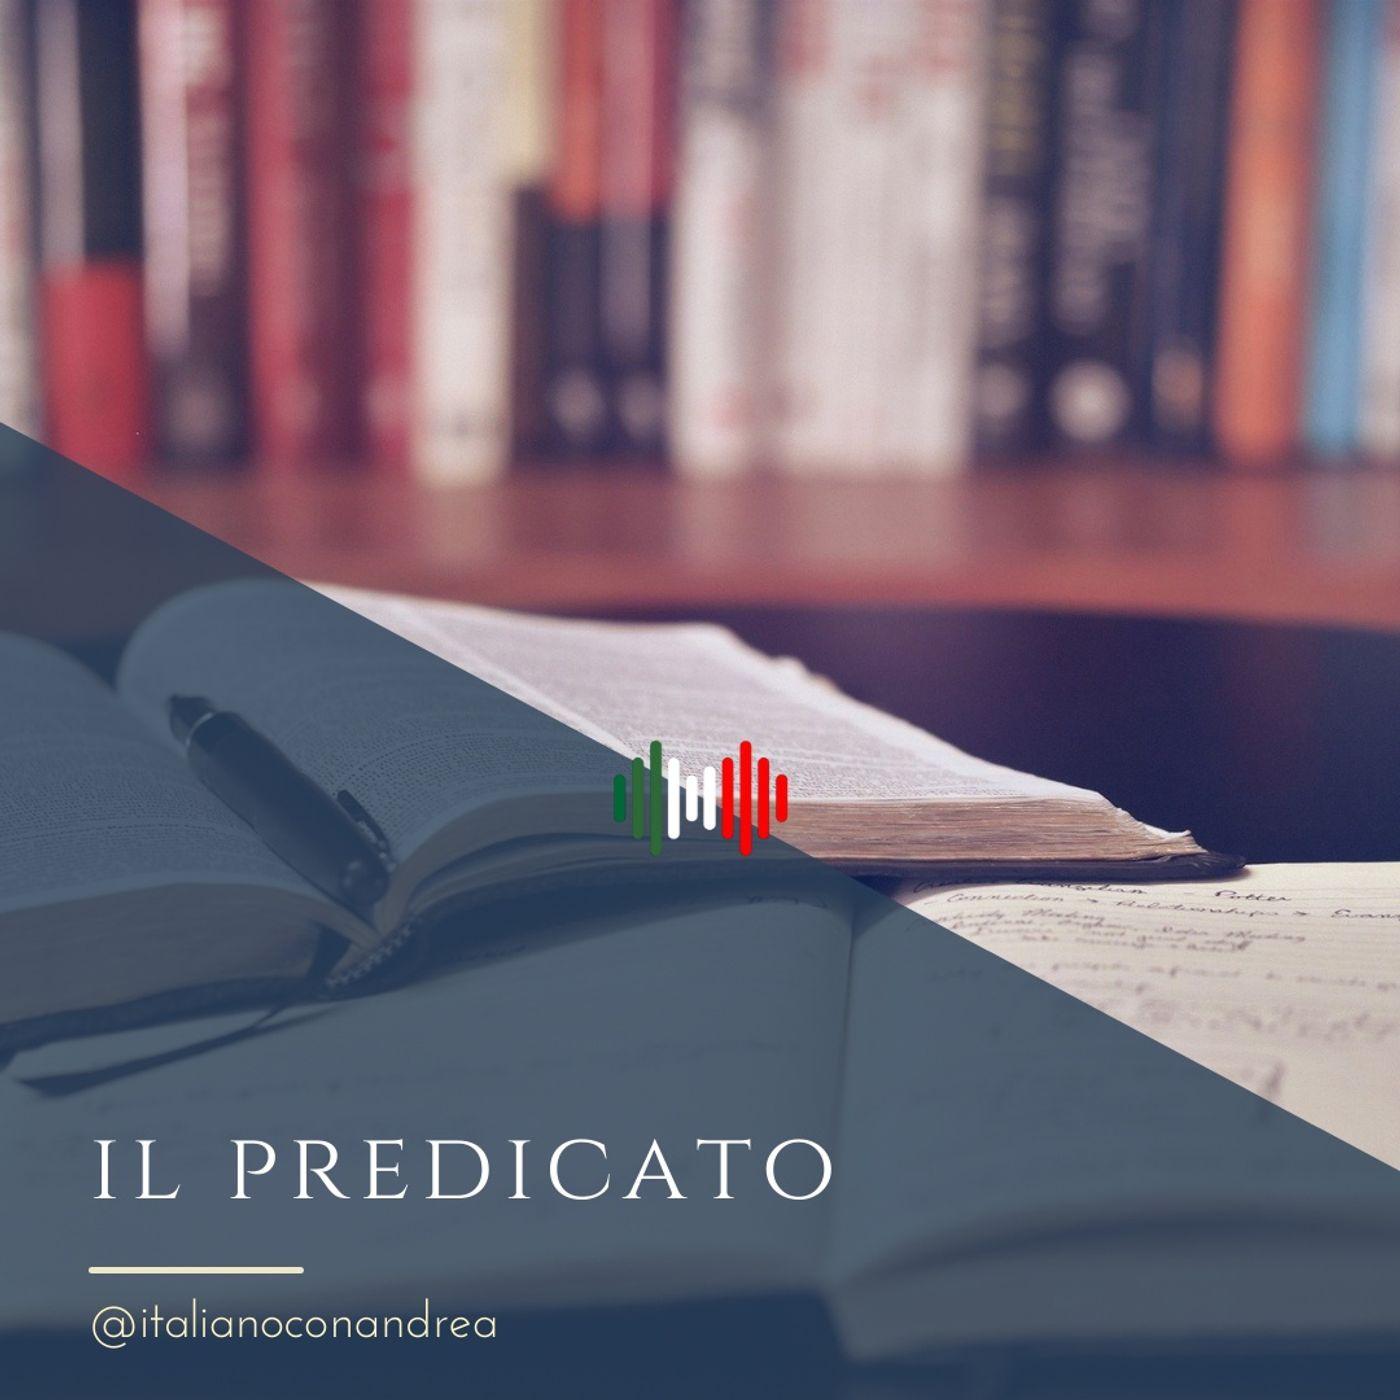 291. GRAMMATICA: Il predicato